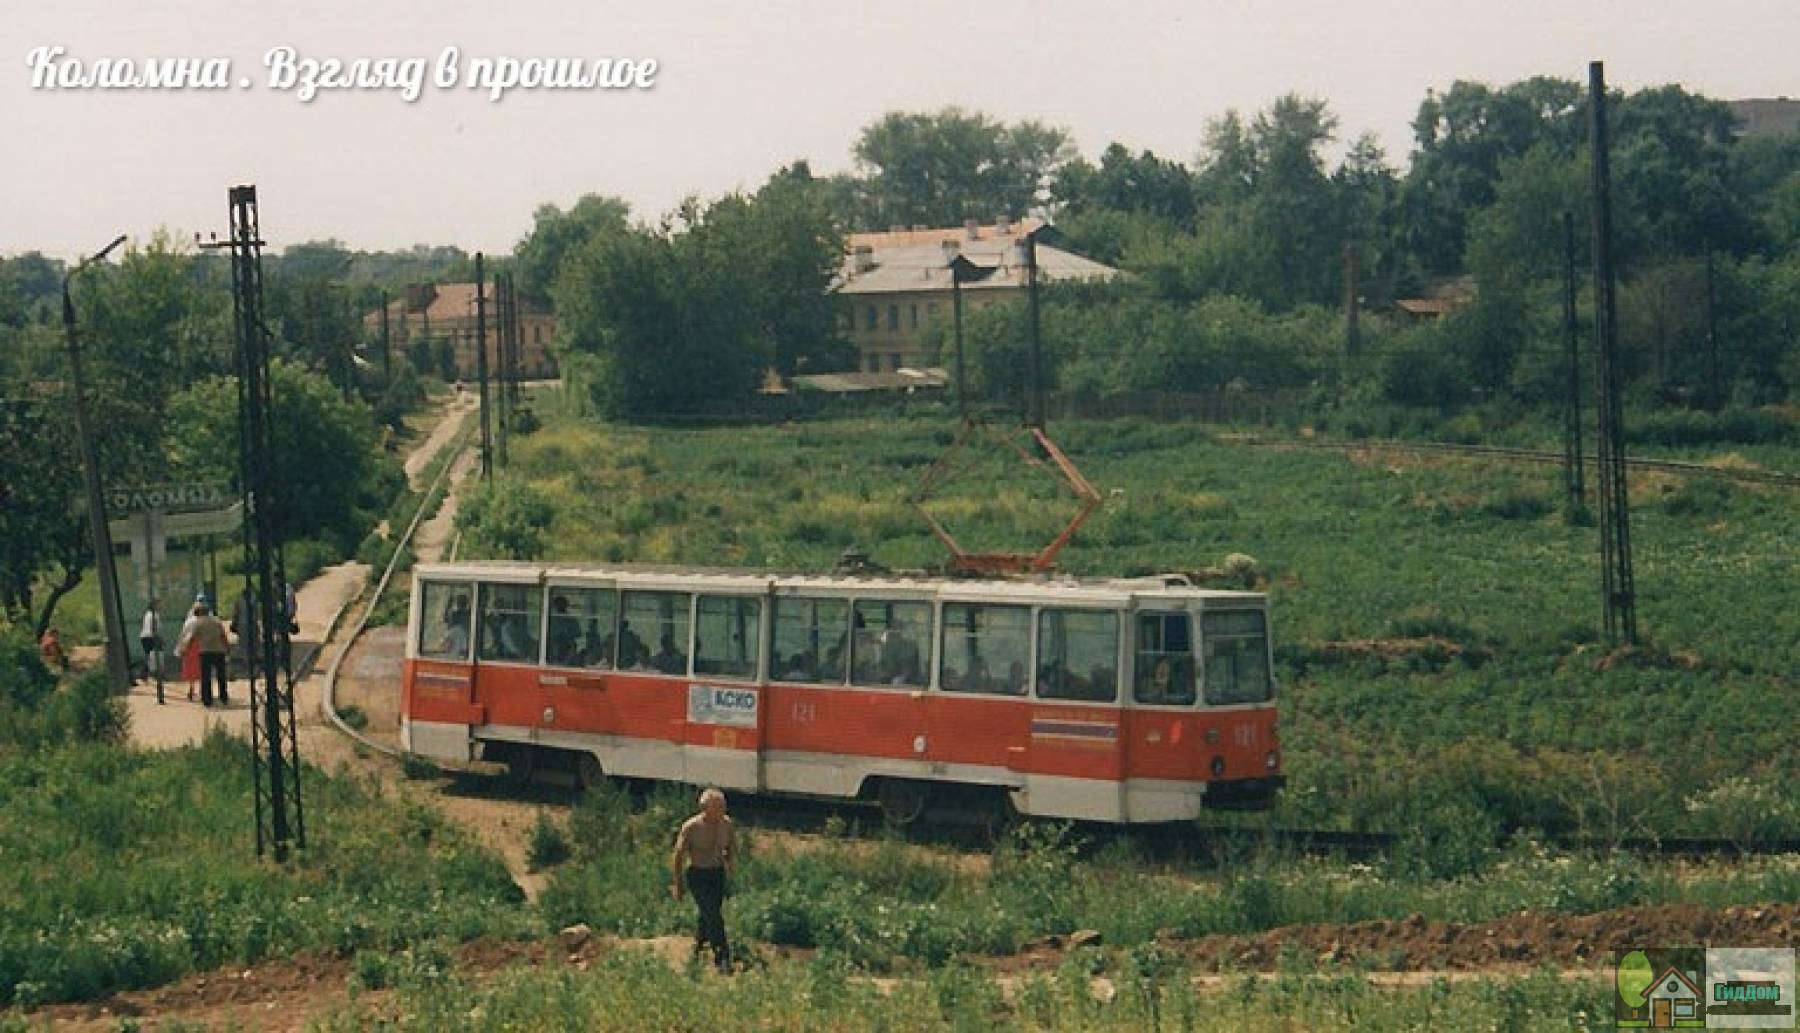 Трамвай на остановке около станции Коломна